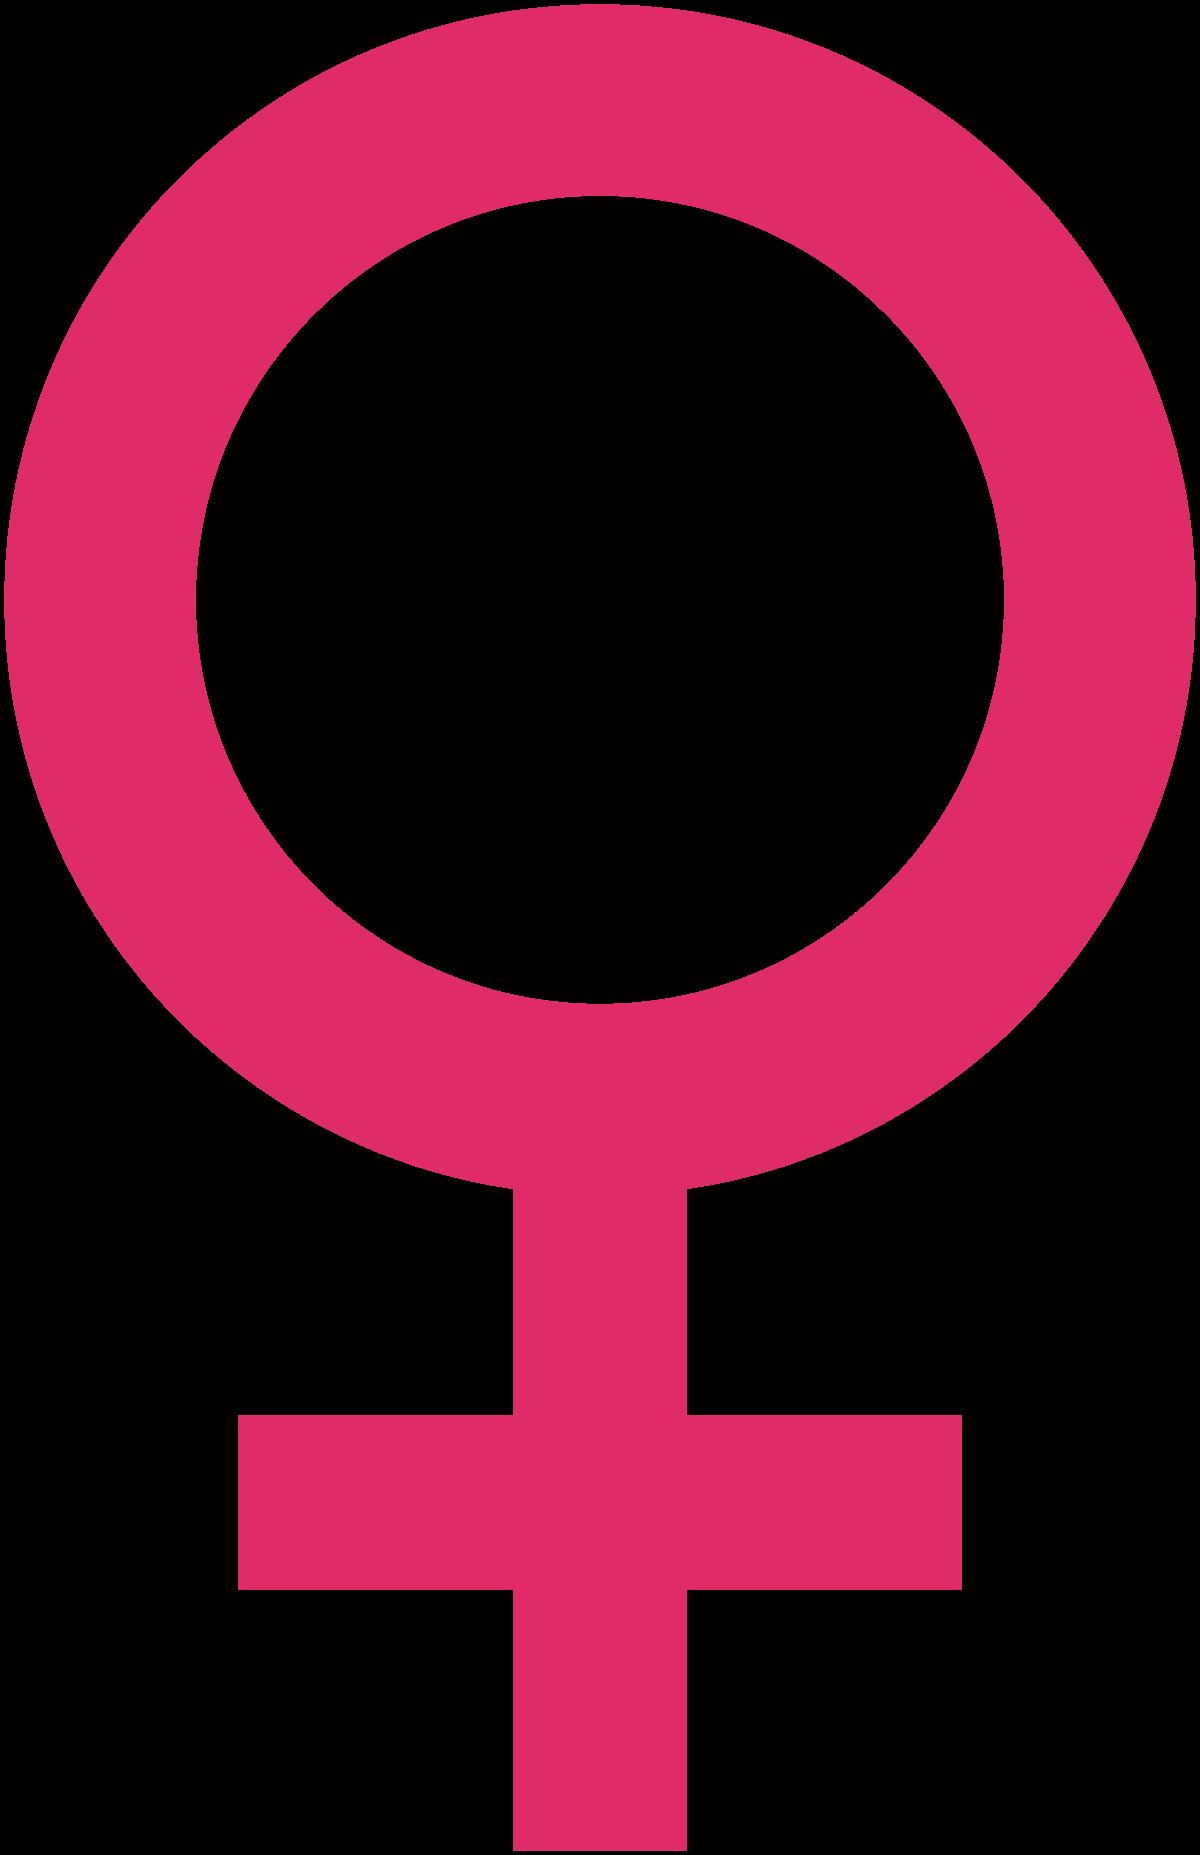 Женский знак в картинках